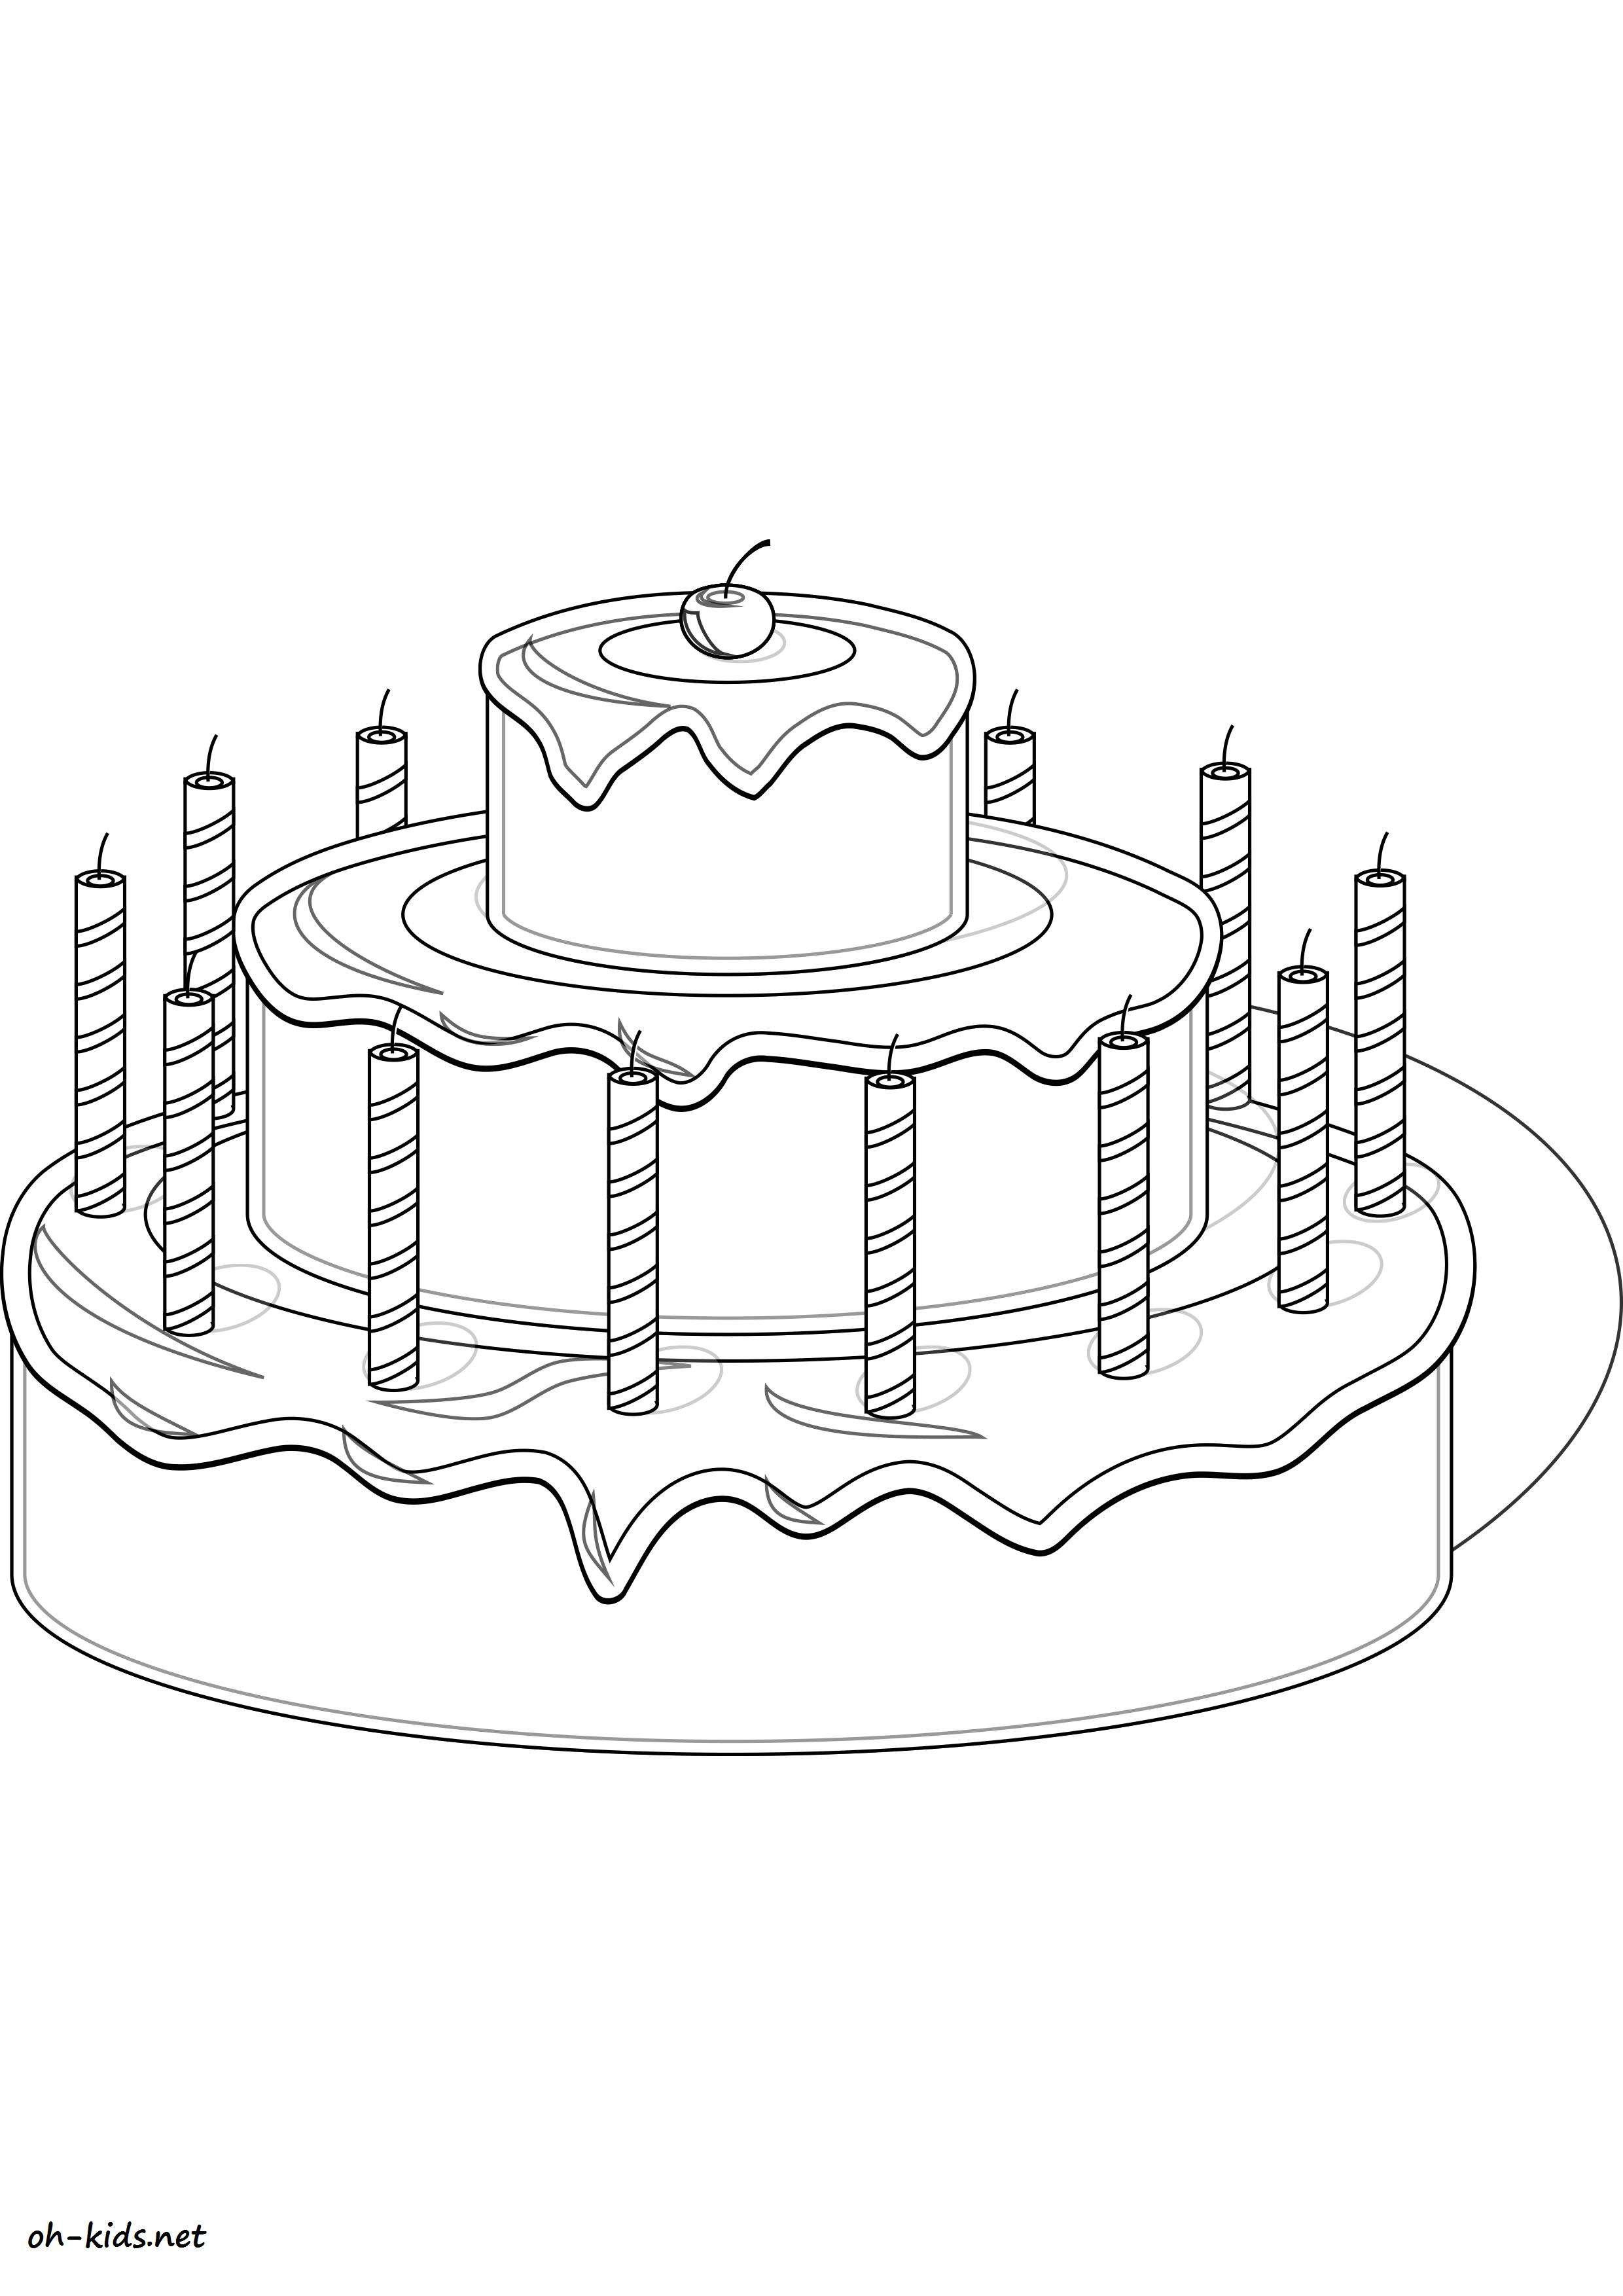 Luxe image gateau anniversaire a imprimer - Dessin sur gateau anniversaire ...